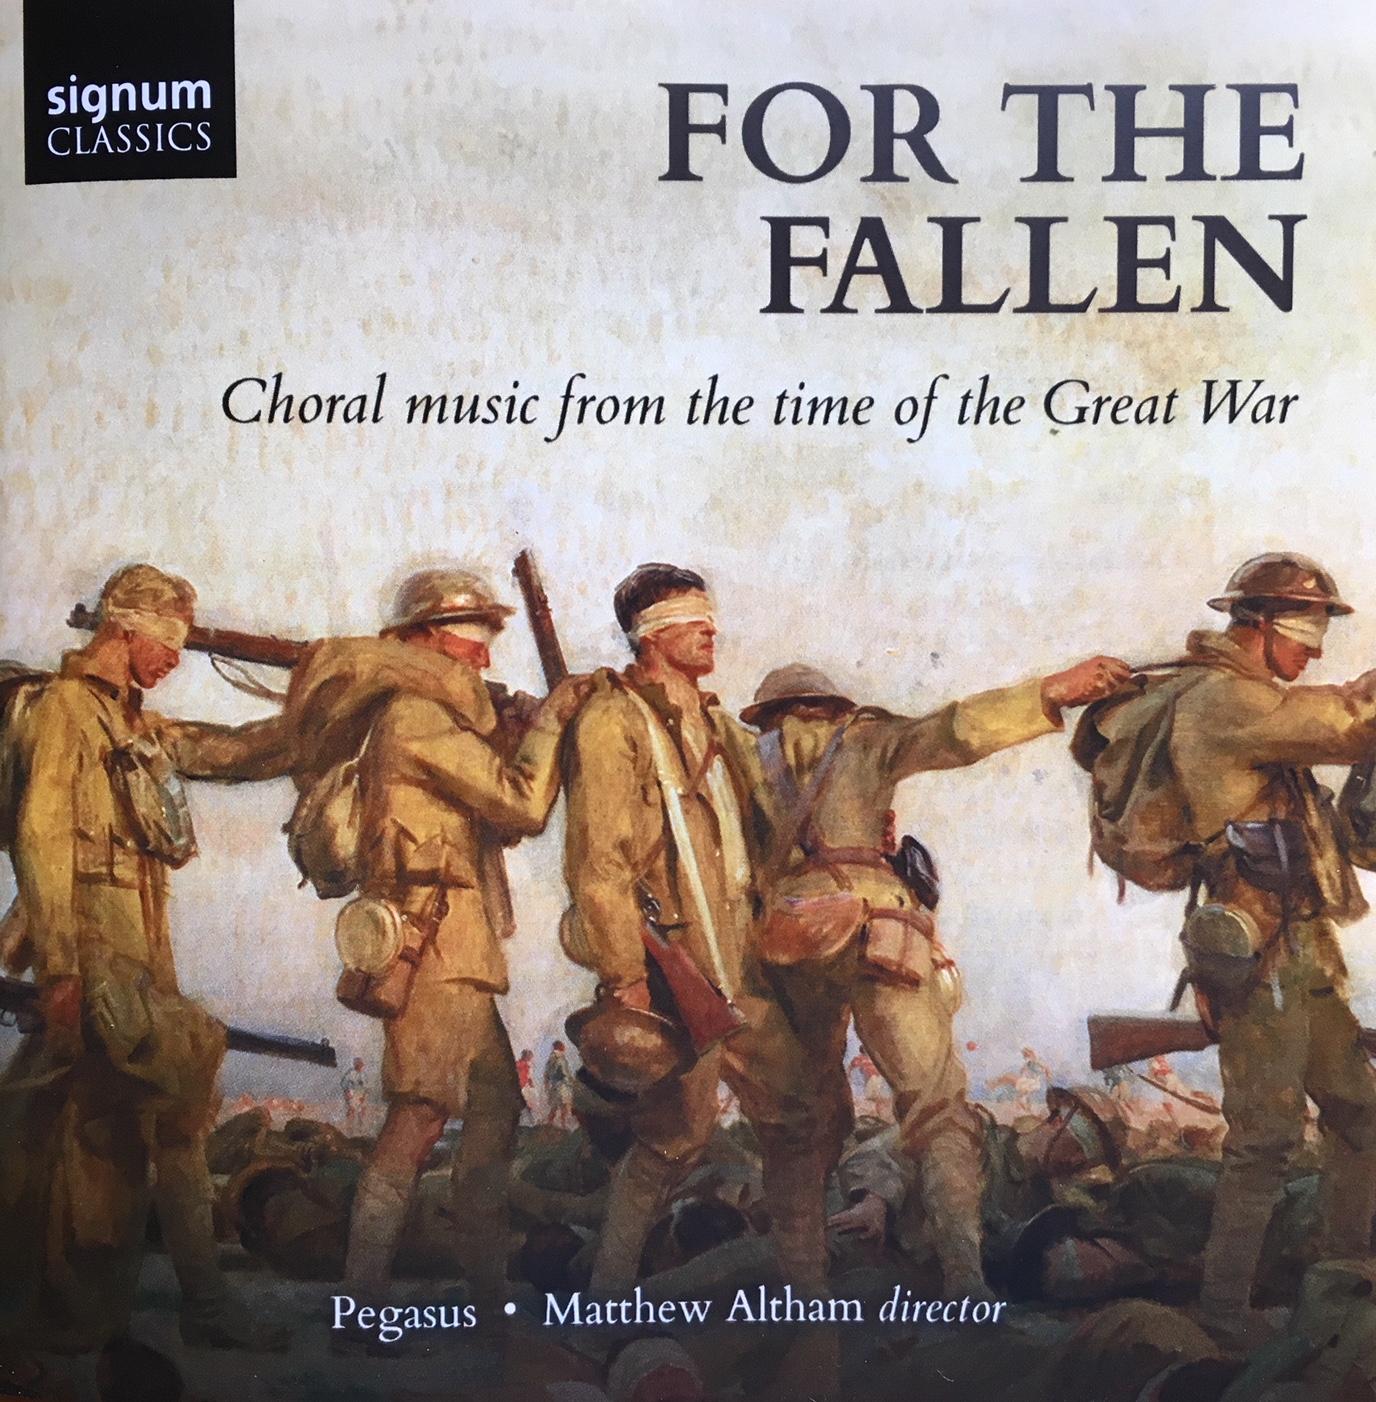 Pegasus's new CD: For the Fallen | Pegasus Choir